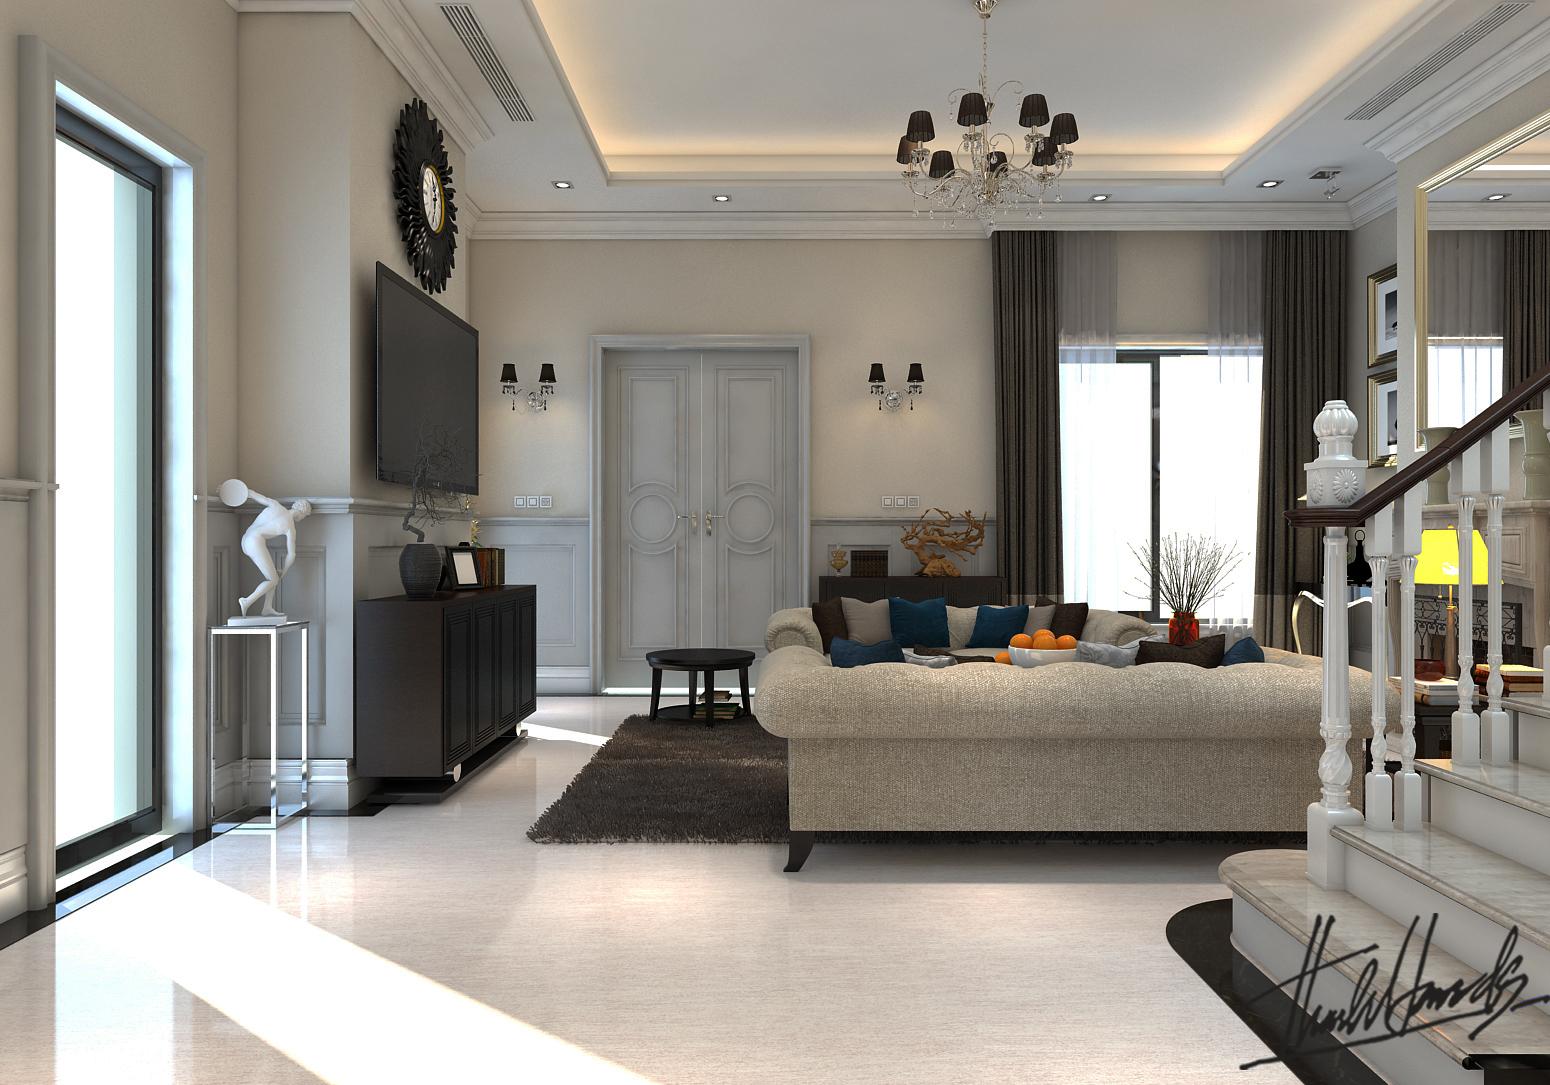 thiết kế nội thất Biệt Thự tại Hà Nội bt Vinhomes - riverside 22 1568274532